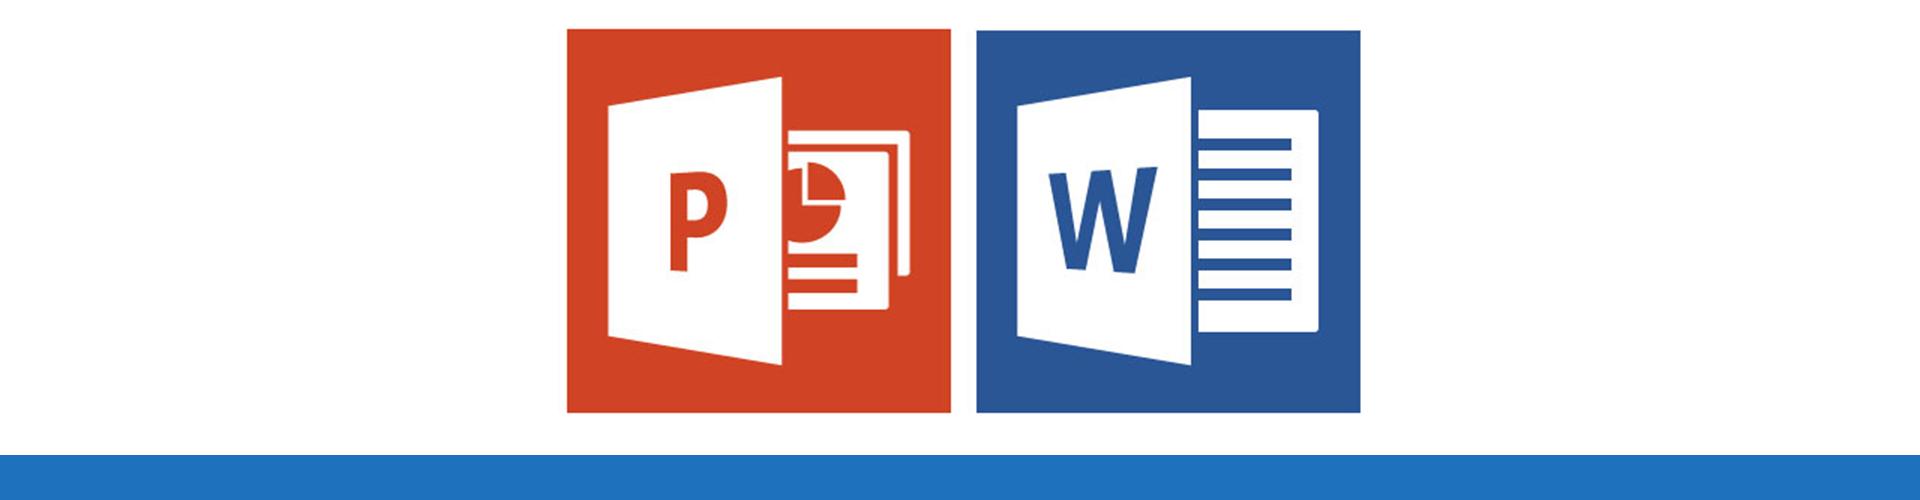 Utiliser PowerPoint pour insérer des images